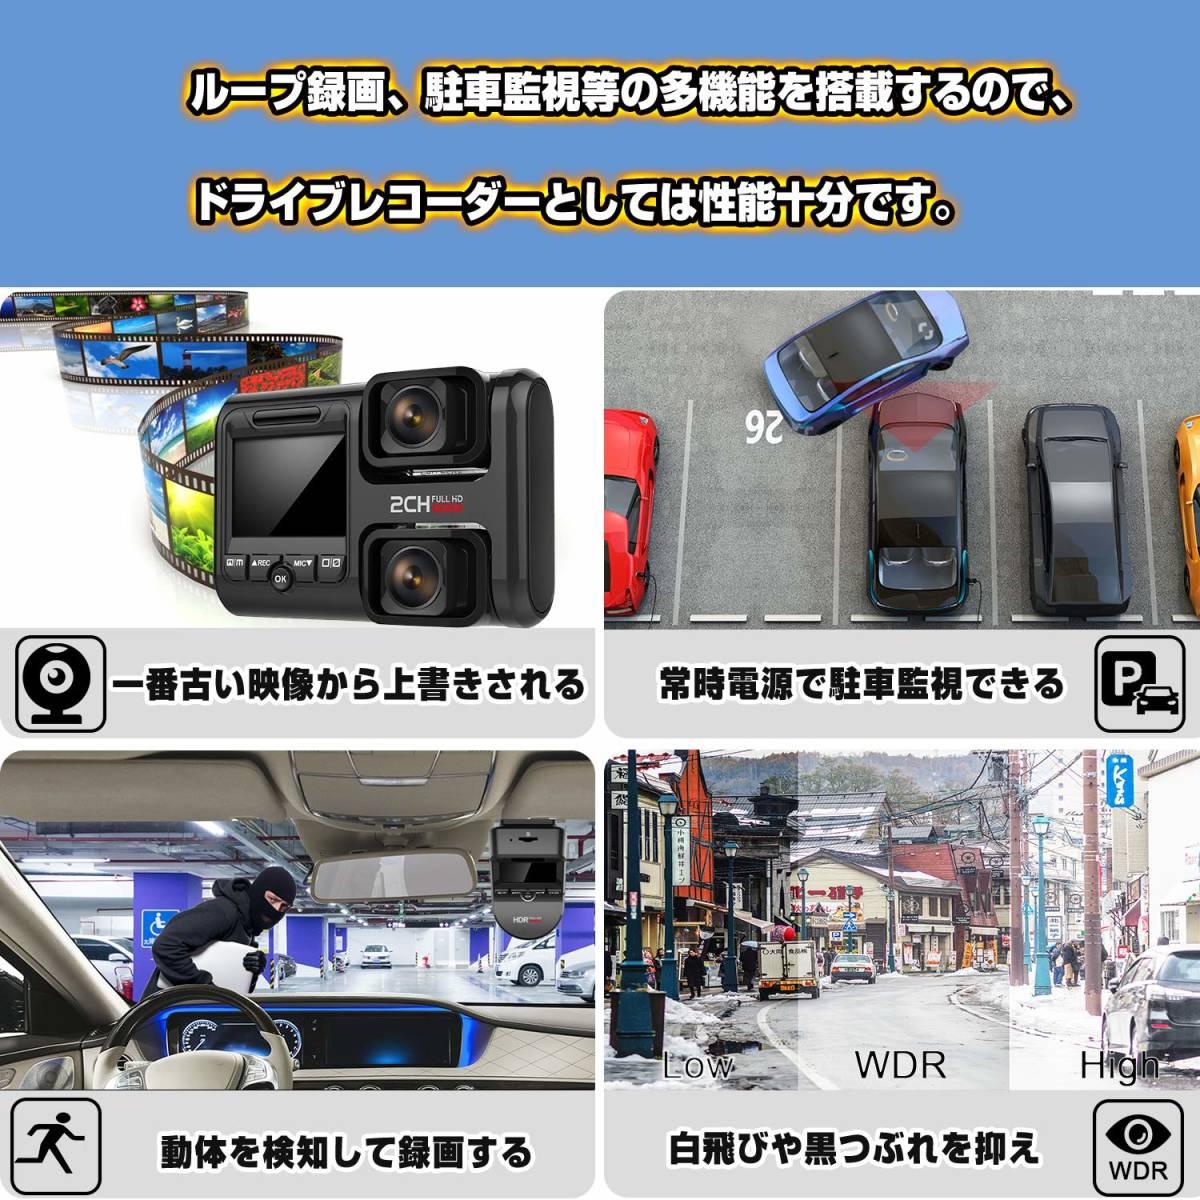 新品未使用 32Gカード付きドライブレコーダー 前後カメラ 1080PフルHD wifi搭載 内蔵GPS sonyセンサー 1200万画素 170度広角 WDR_画像6